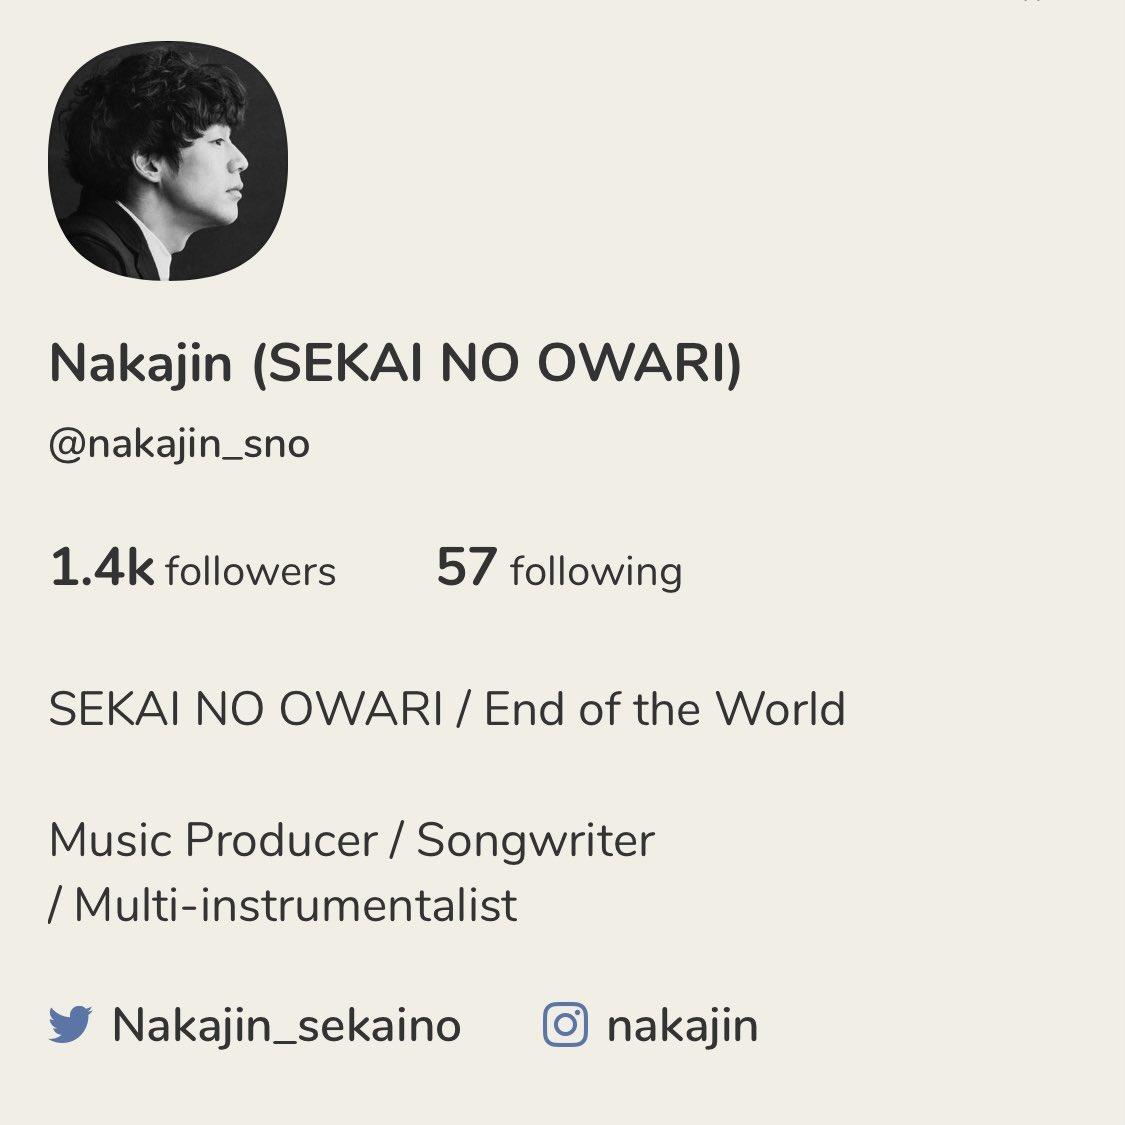 No owari アルバム sekai ベスト